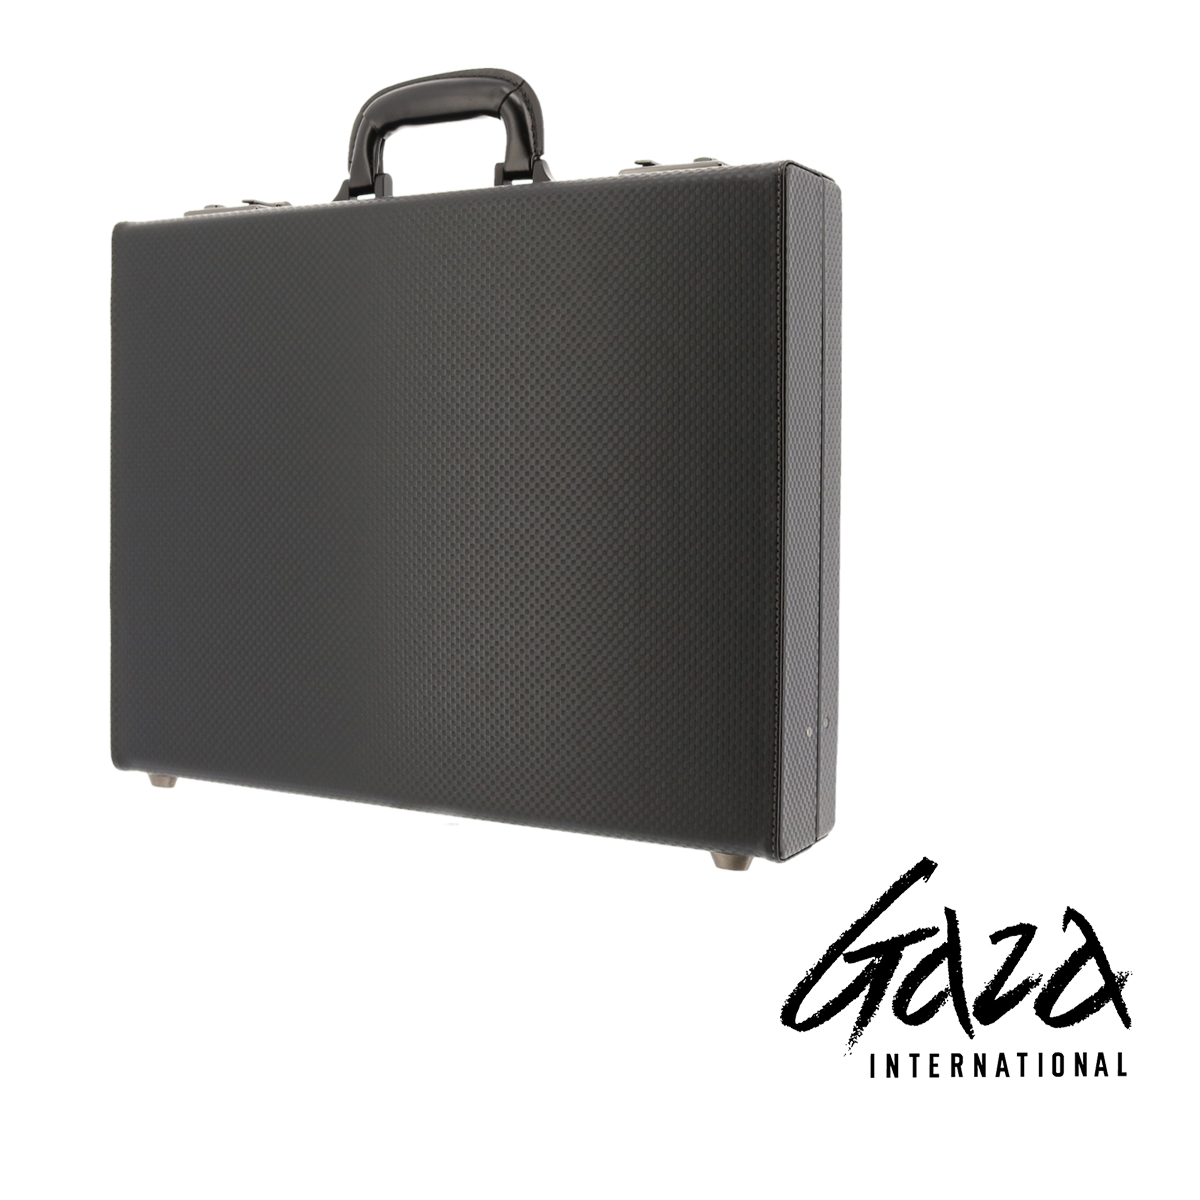 青木鞄 ガザ GAZA ブリーフケース 6253 |アオキ カバン アタッシュケース ビジネスバッグ メンズ[bef][PO10]